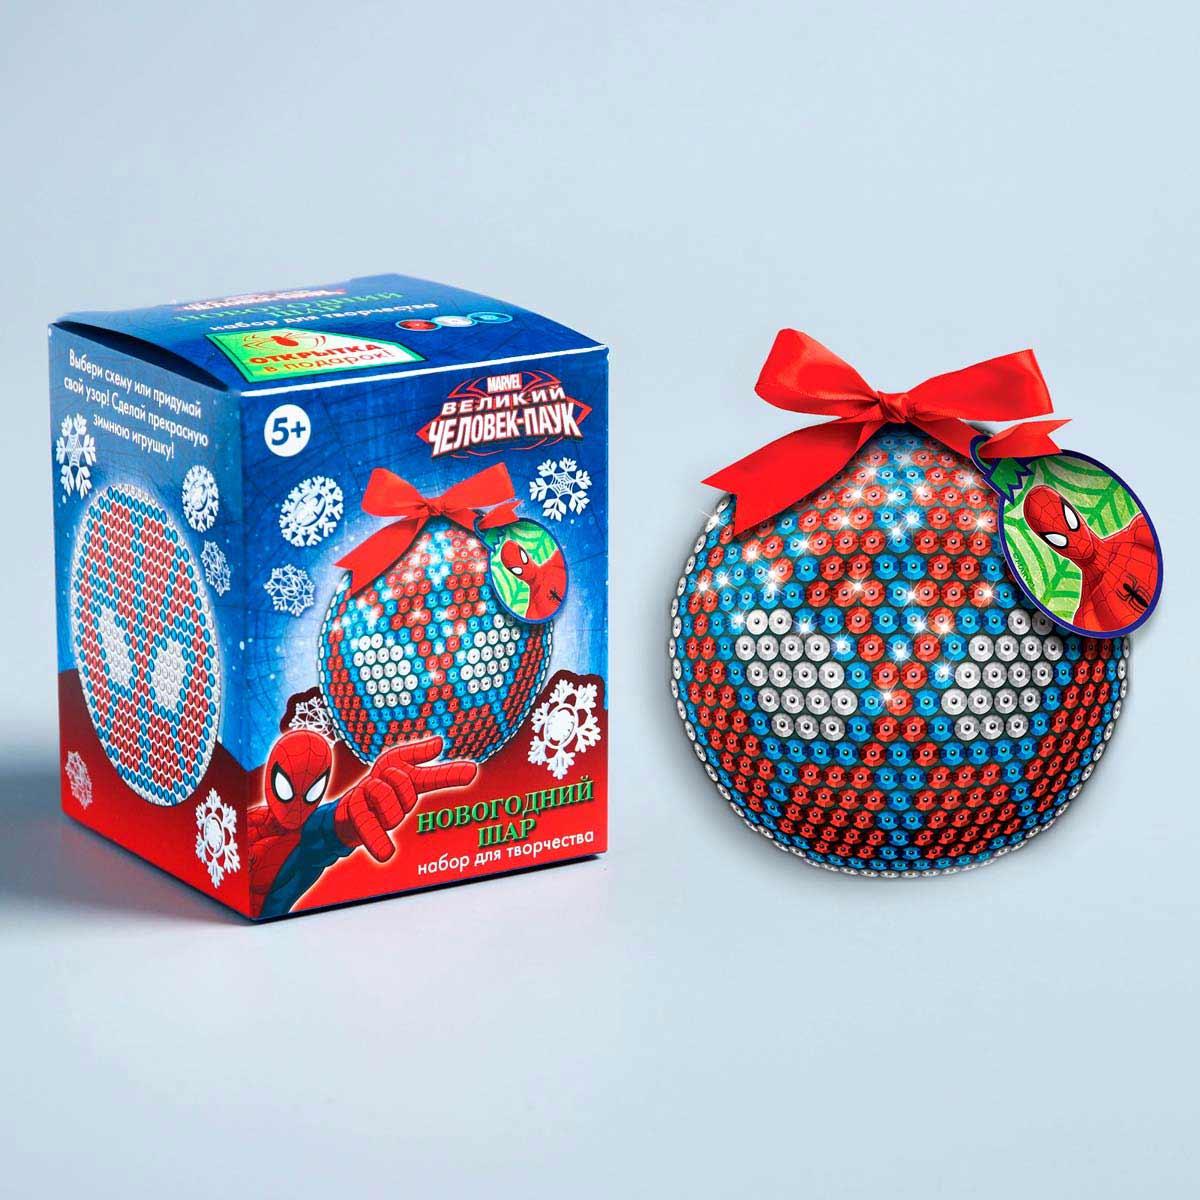 2027193 Новогодний шар Человек-паук с пайетками + крепления + лента + мини-открытка